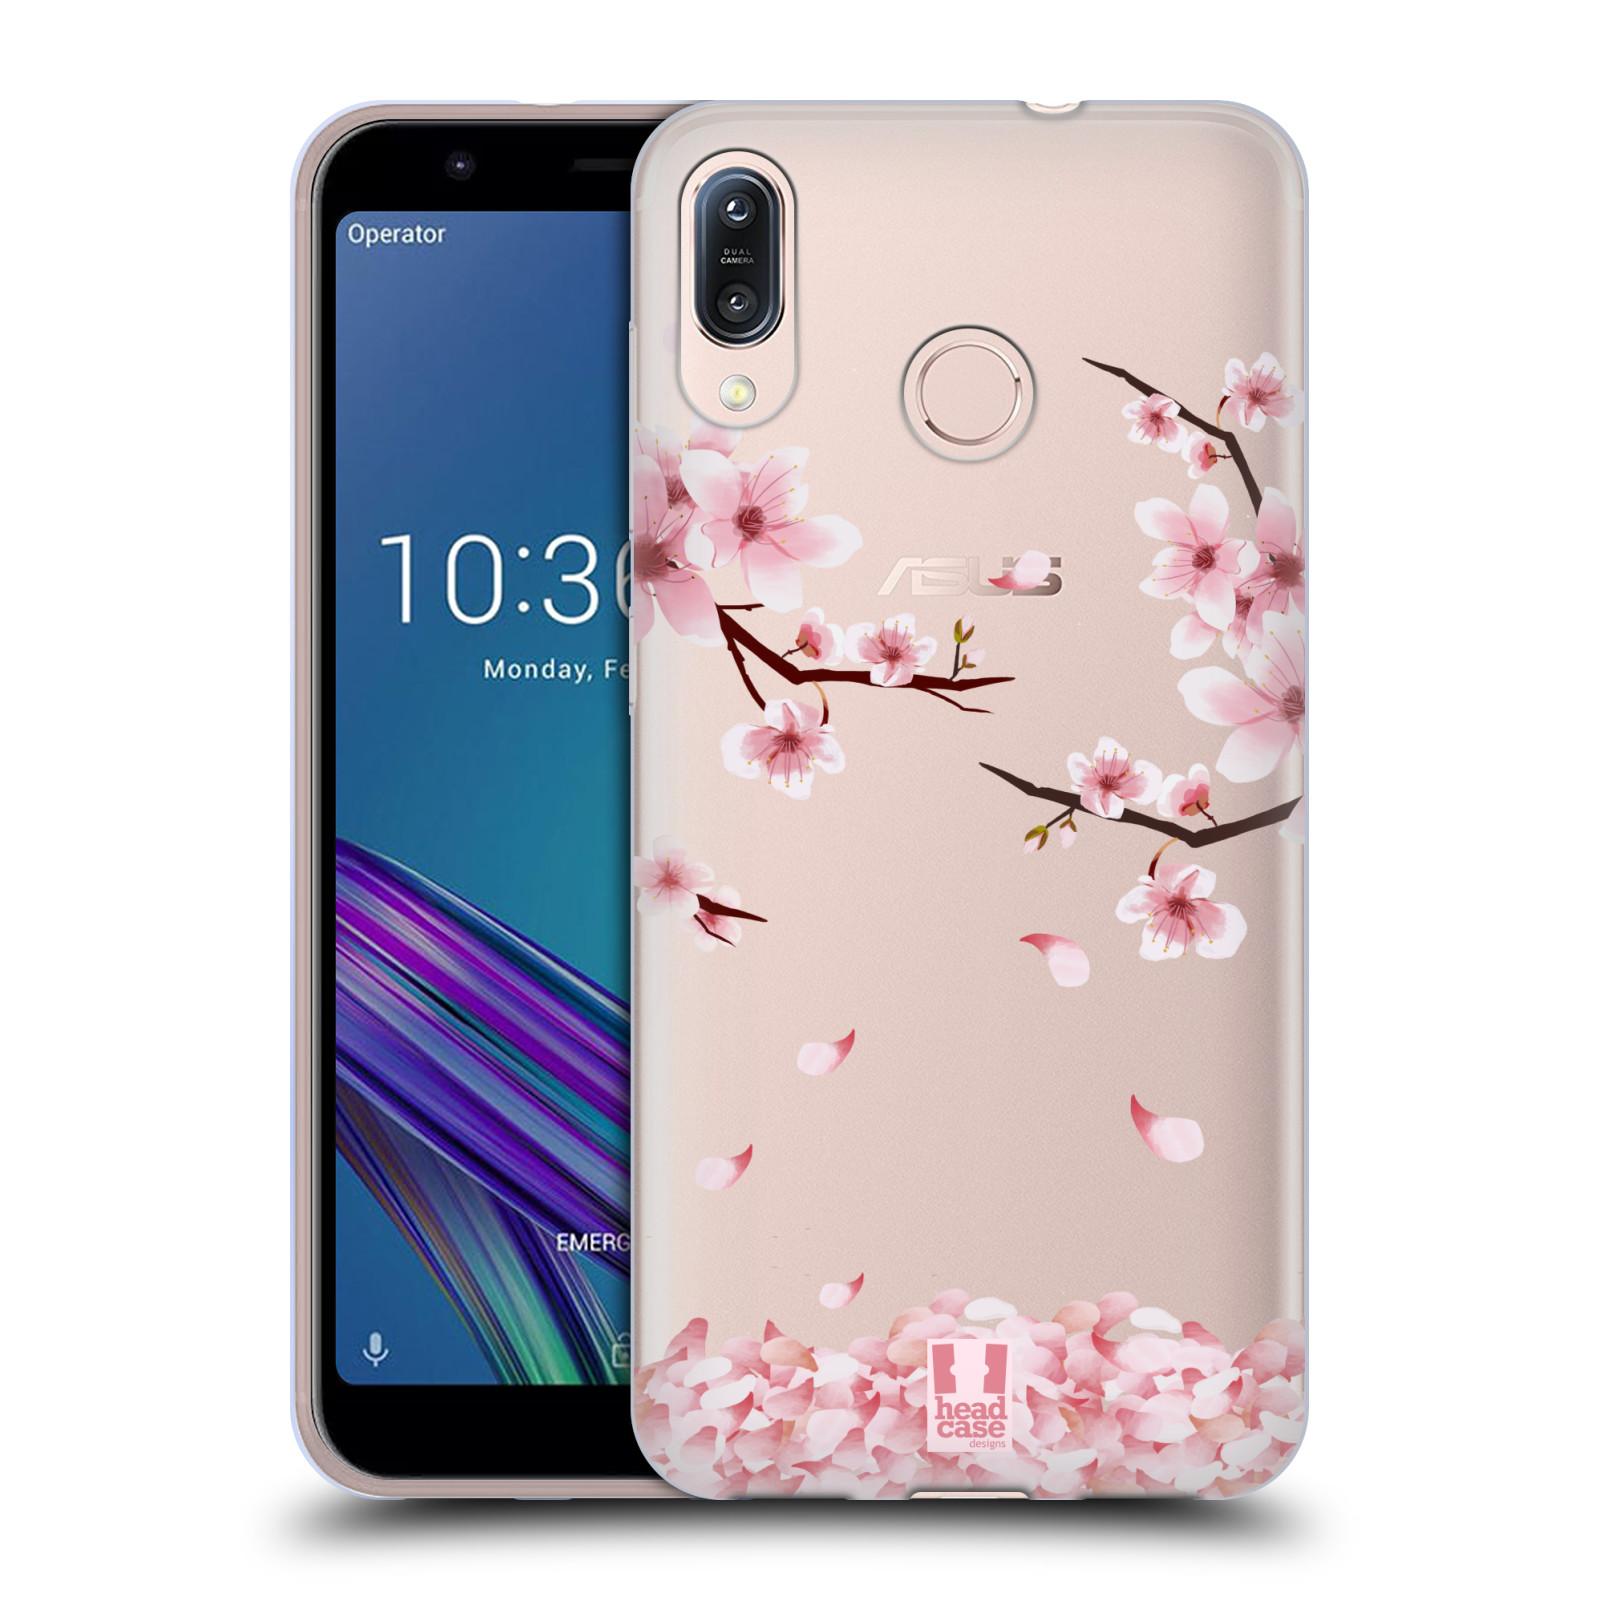 Silikonové pouzdro na mobil Asus Zenfone Max M1 ZB555KL - Head Case - Květy a větvičky